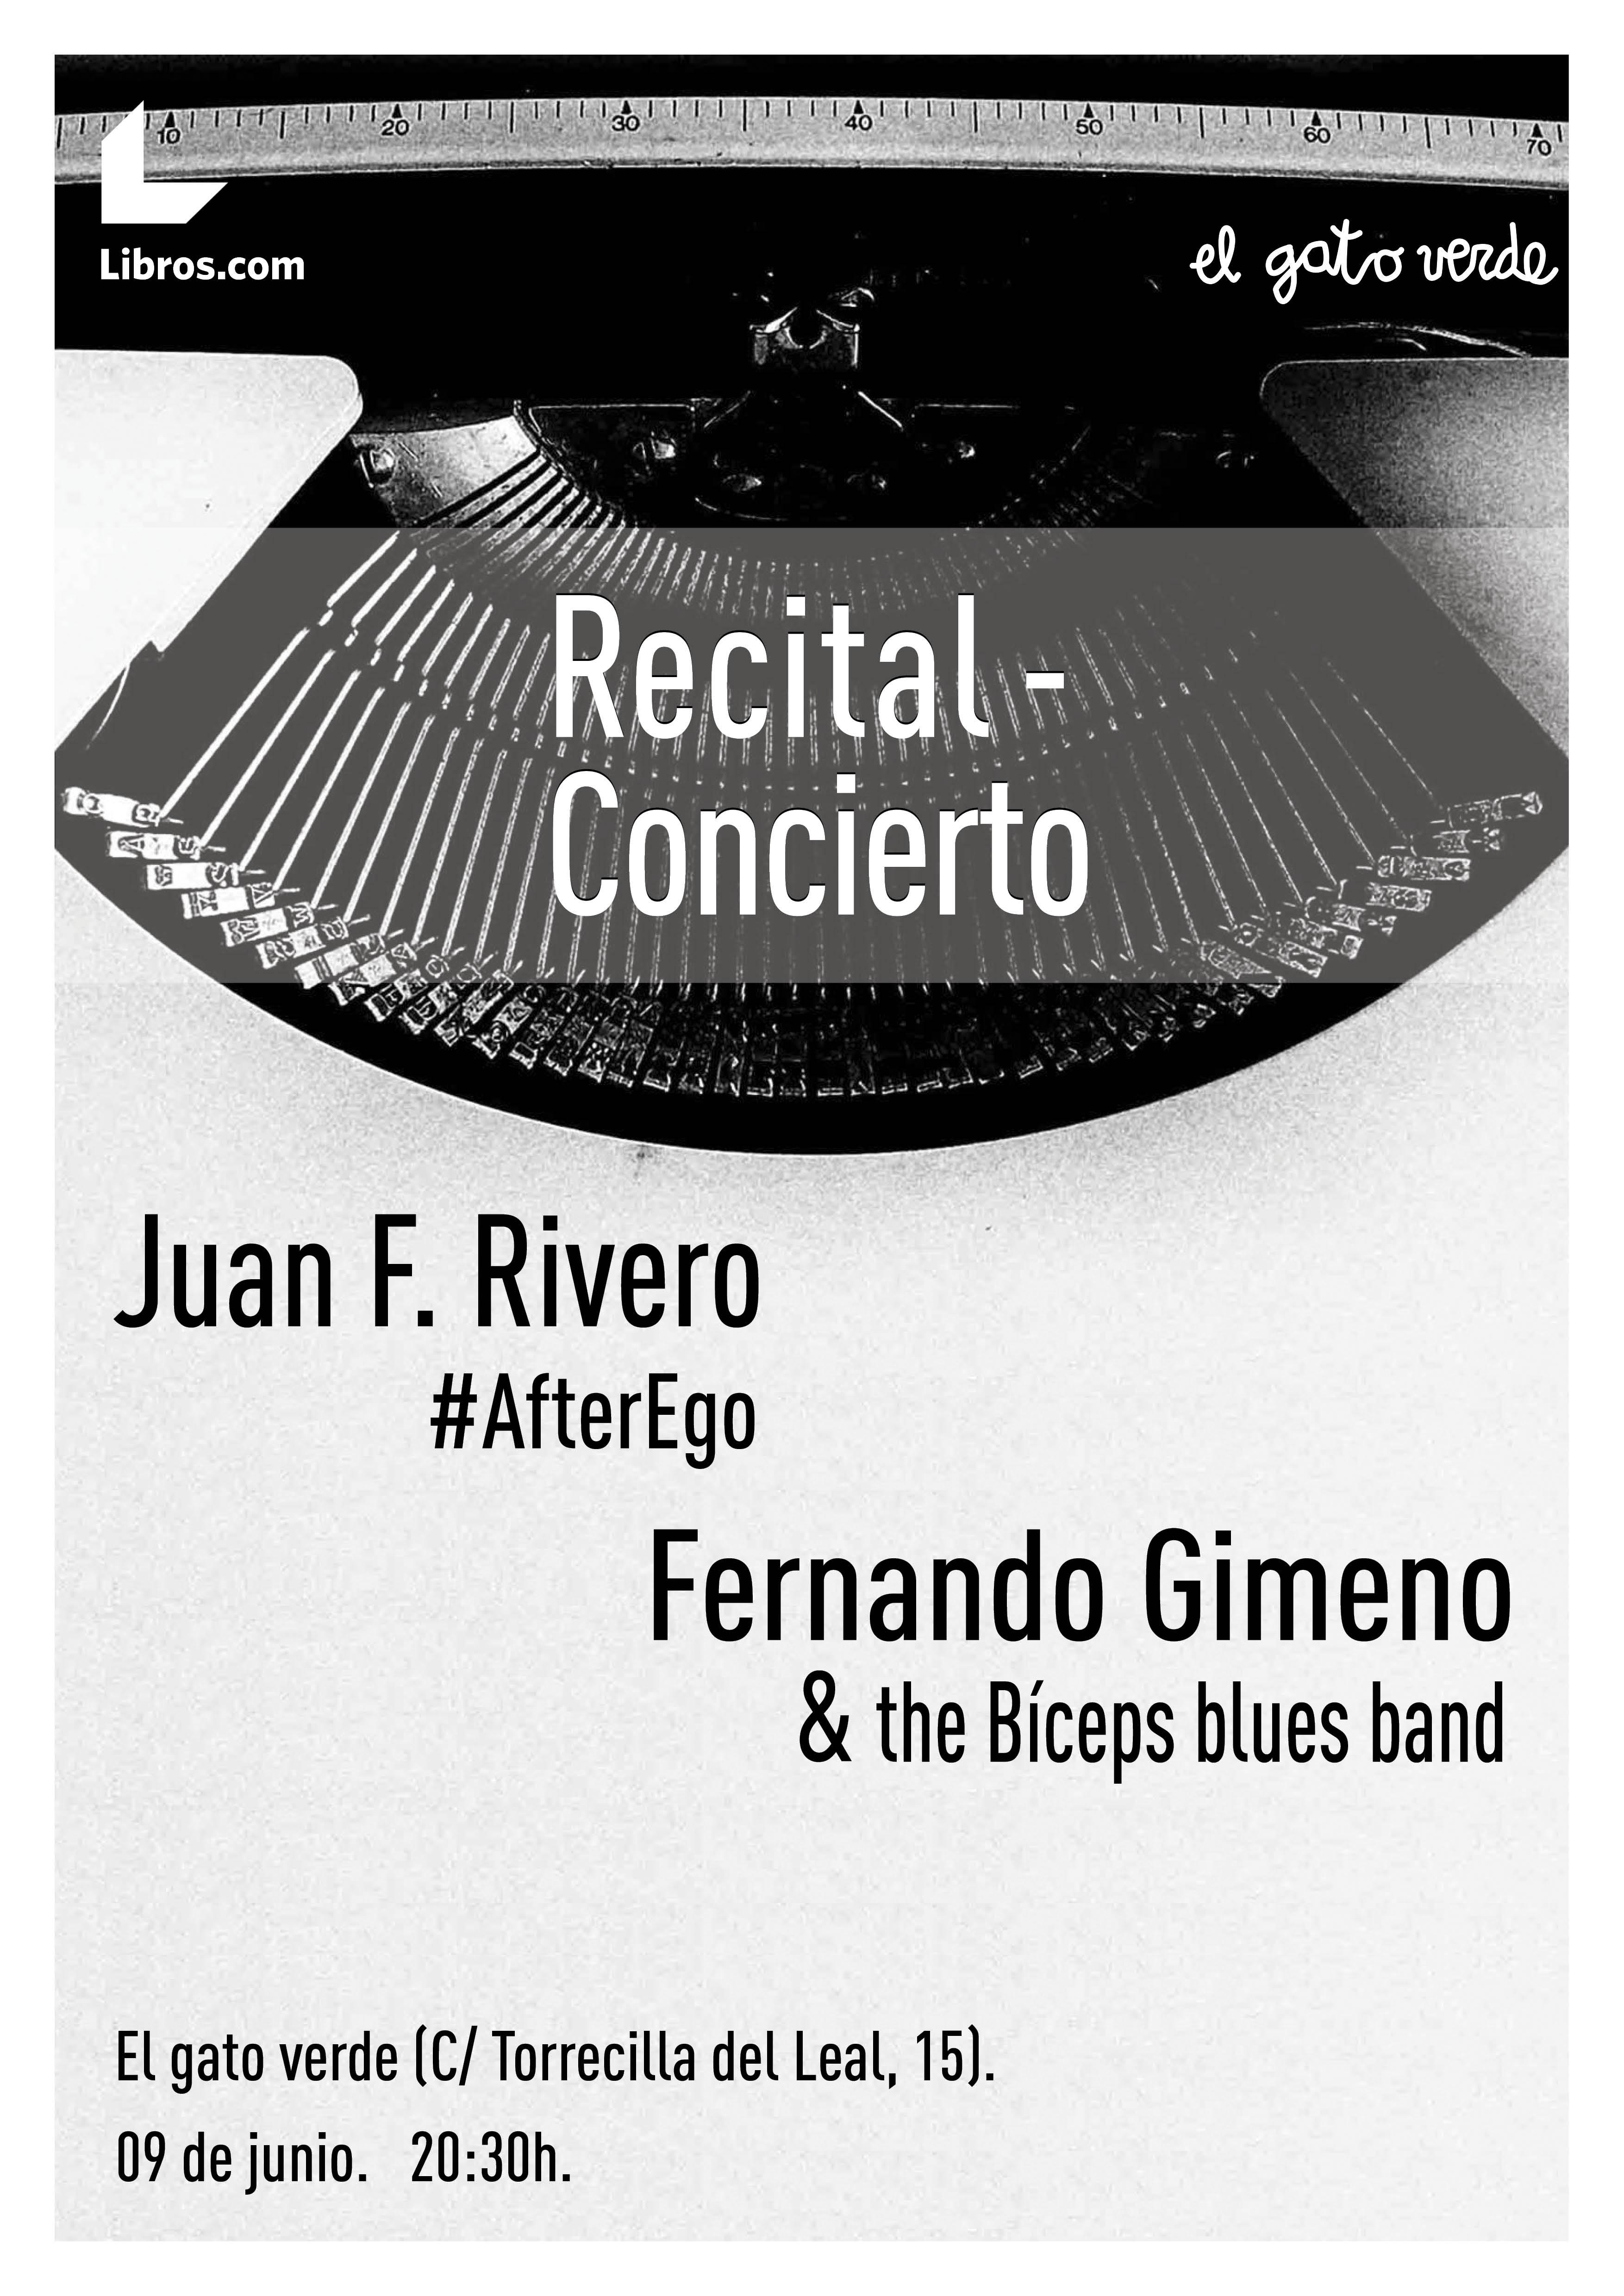 carte_recital-concierto